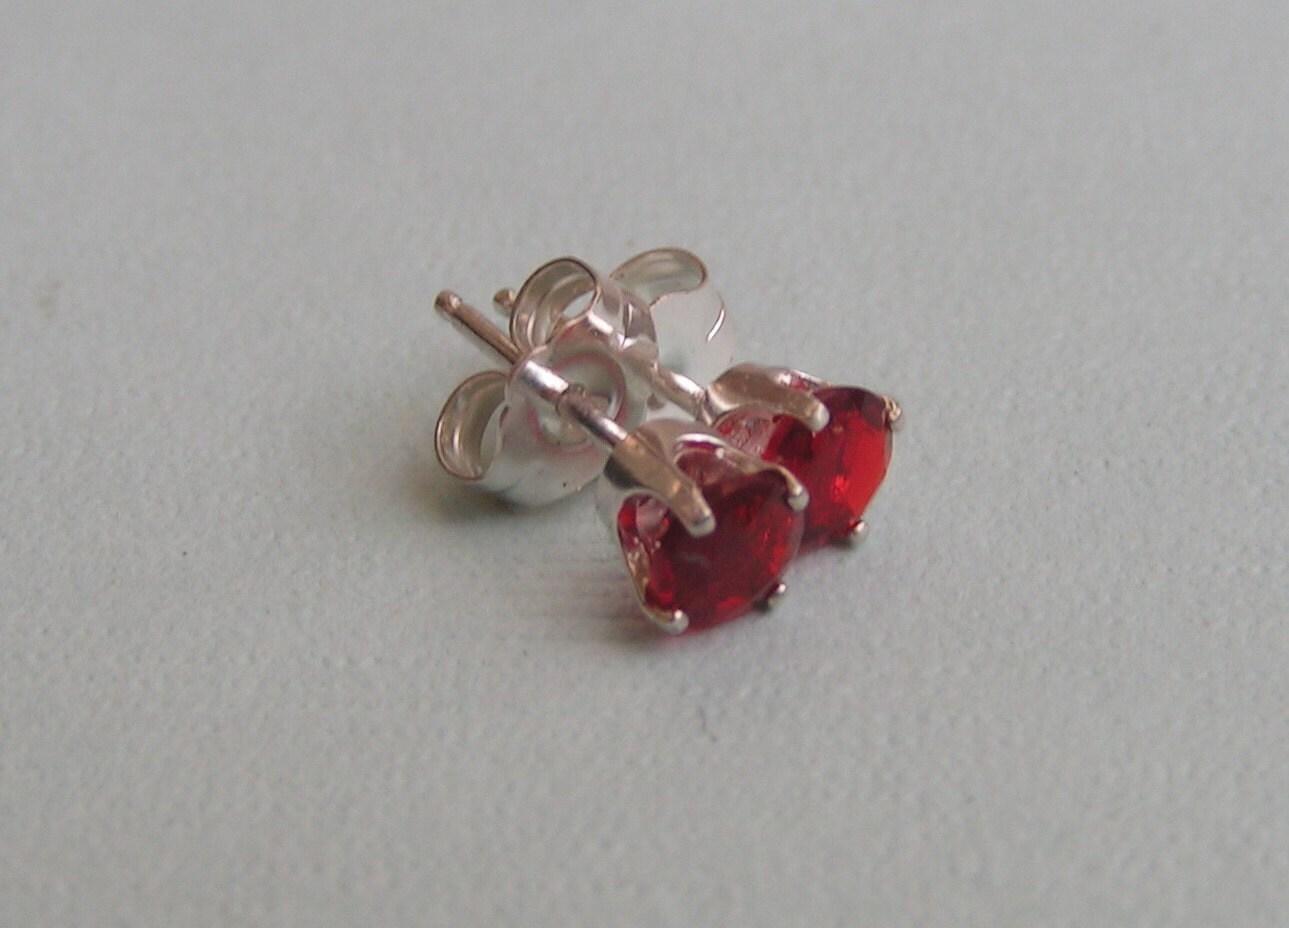 Red Mexican Fire Opal Stud Earrings